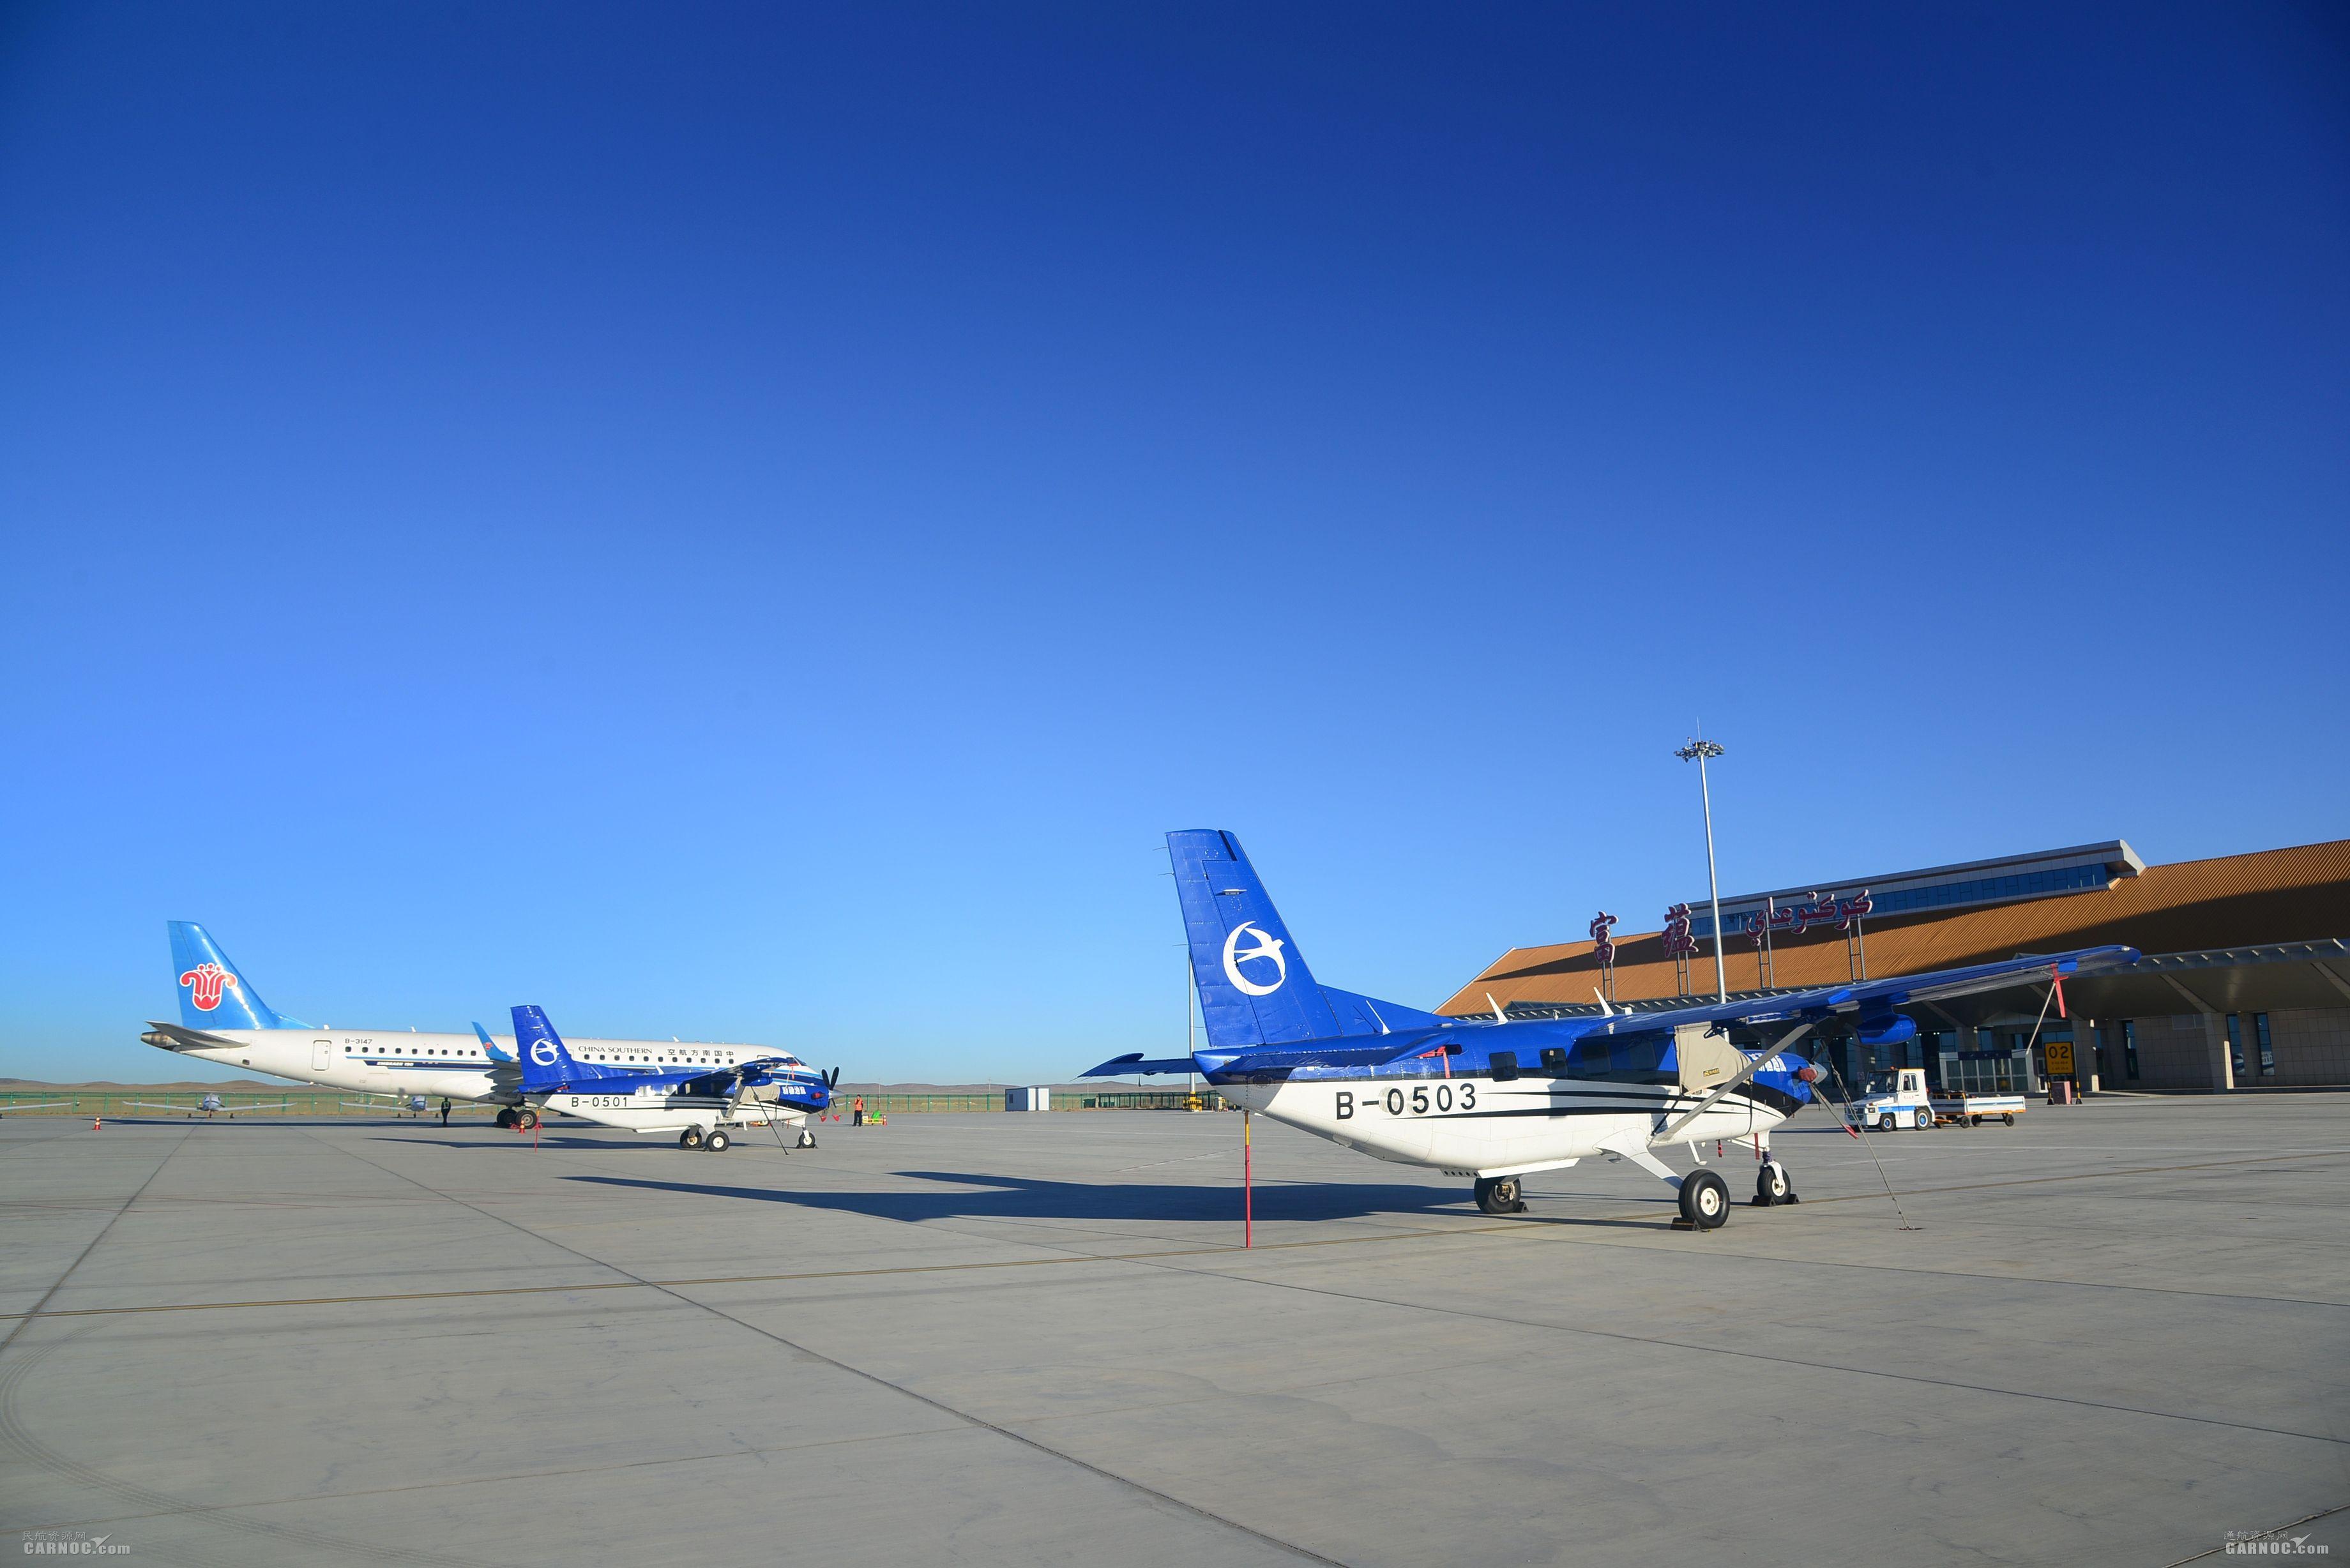 飛行總里程4.1萬公里 富蘊-喀納斯航線通航100天